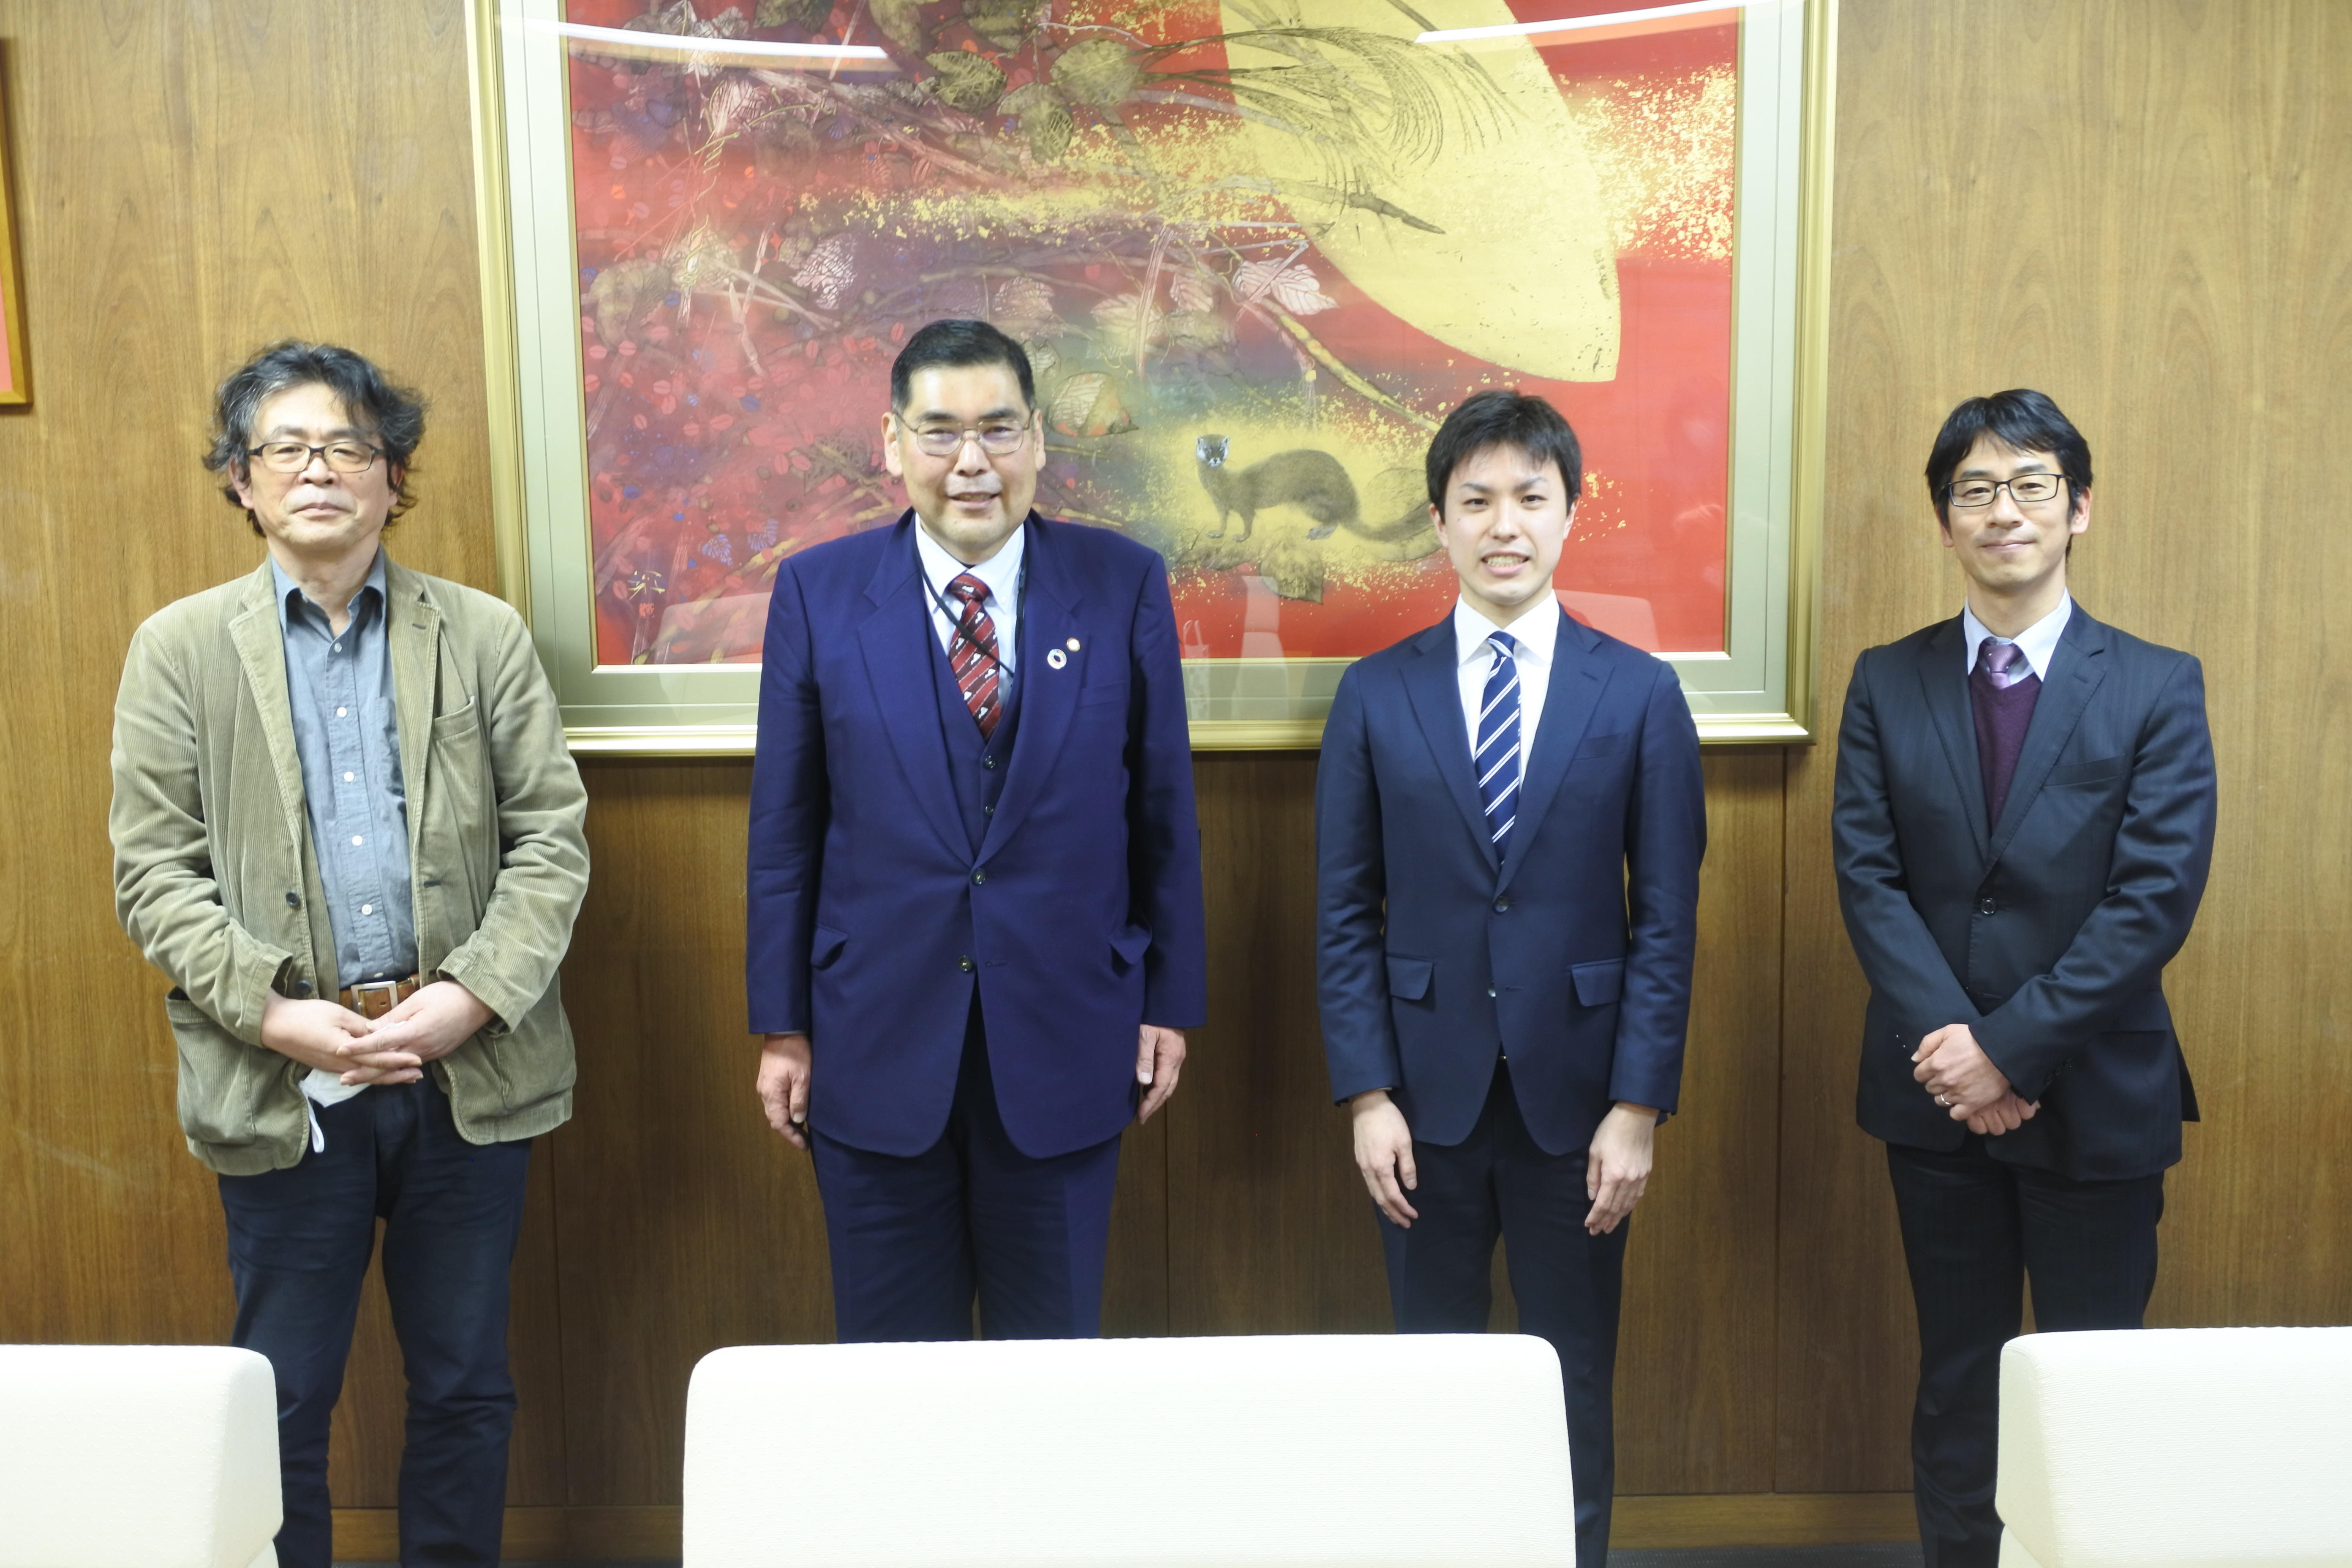 記念写真に納まる(左から)瀬川新一学部長、小原章裕学長、水谷健人さん、田澤宗裕教授